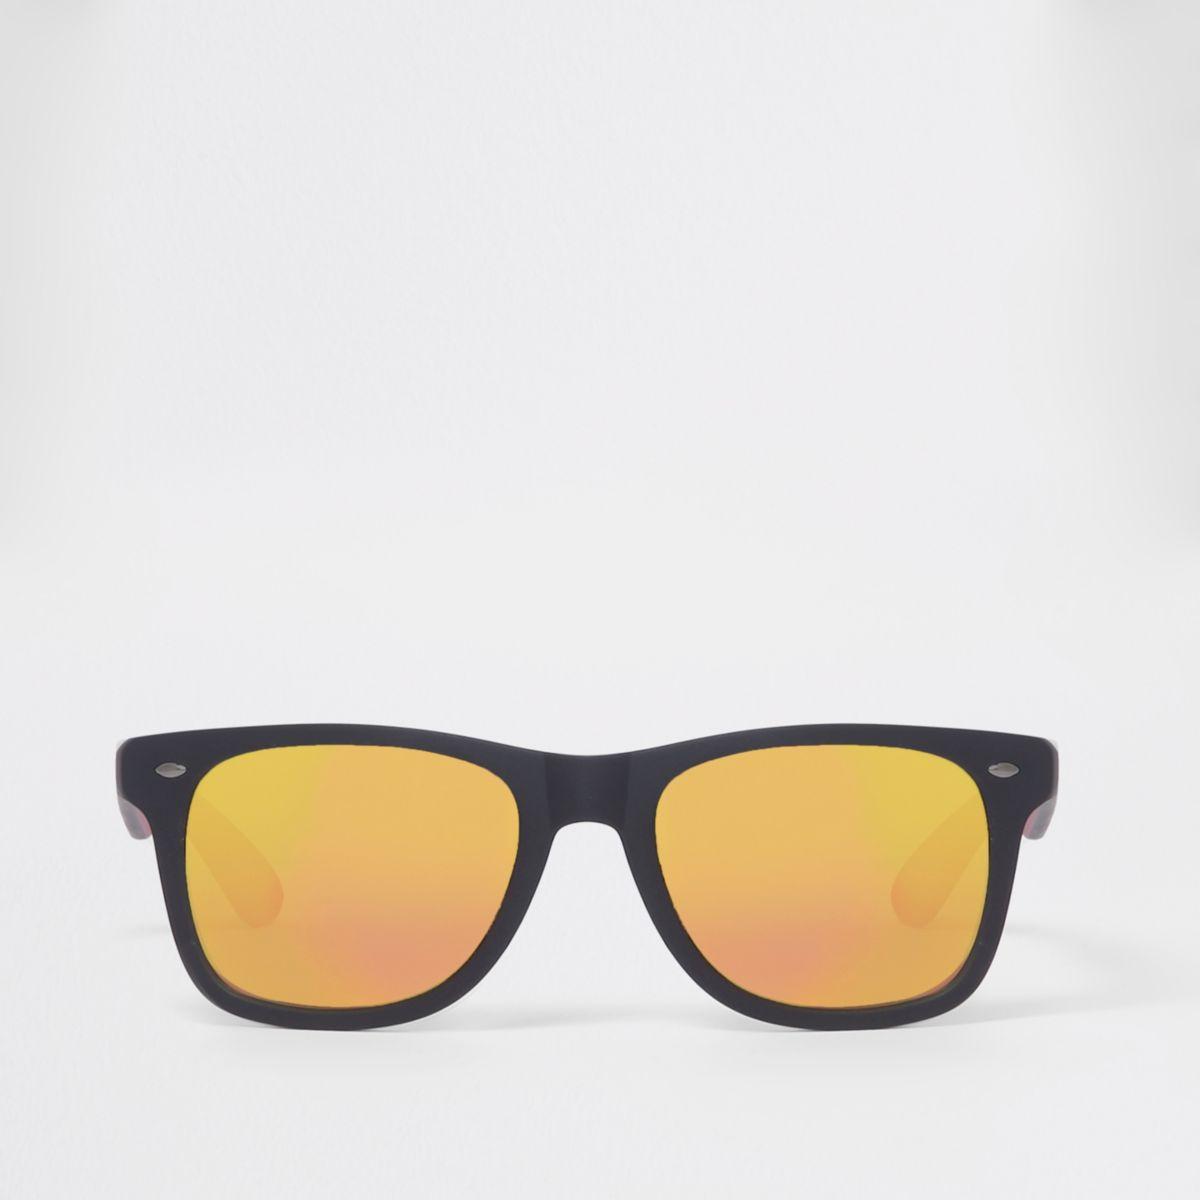 Black rubber red mirror lens retro sunglasses